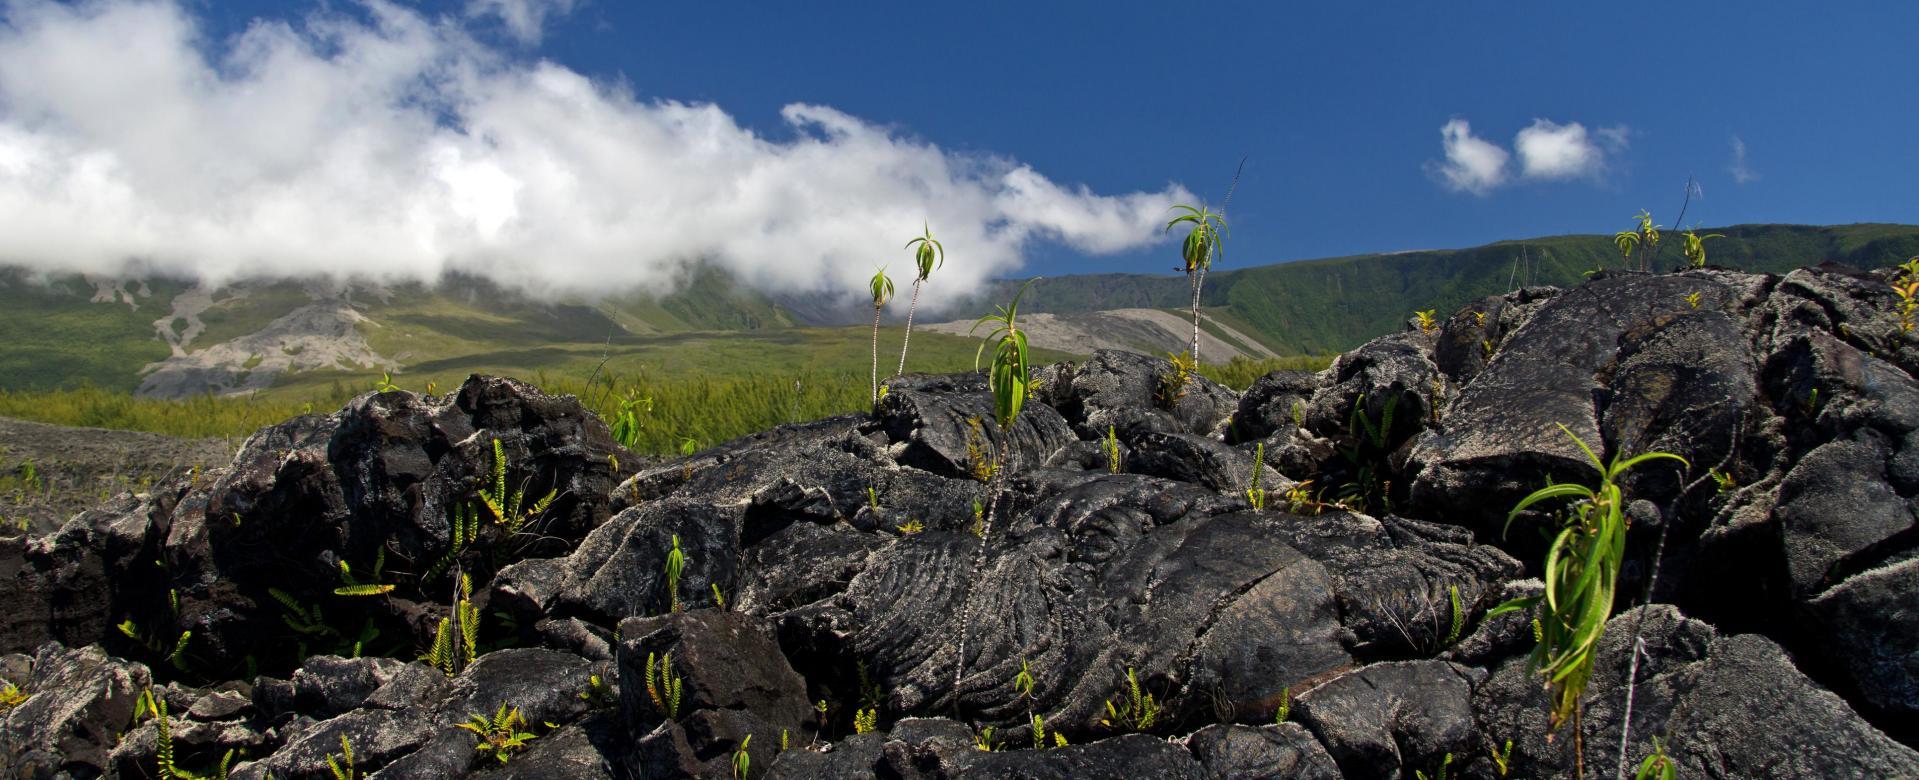 Voyage en véhicule : Volcans de l'océan indien